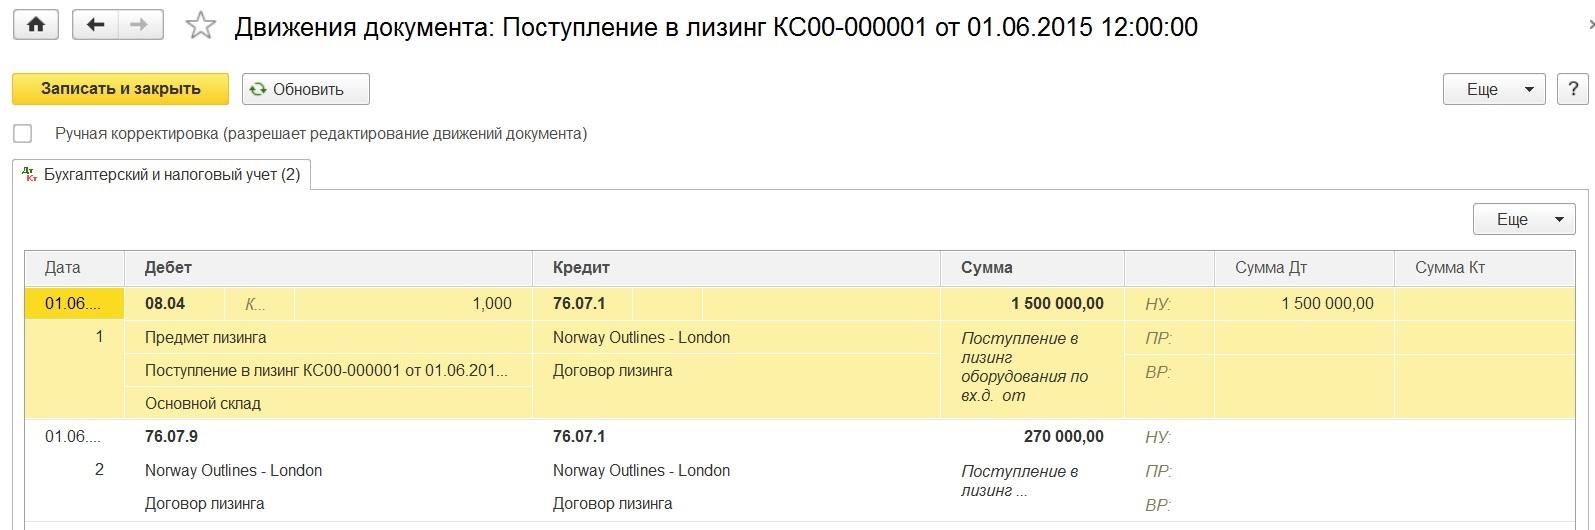 Проводки дт 01 и кт 01, 08 (нюансы)